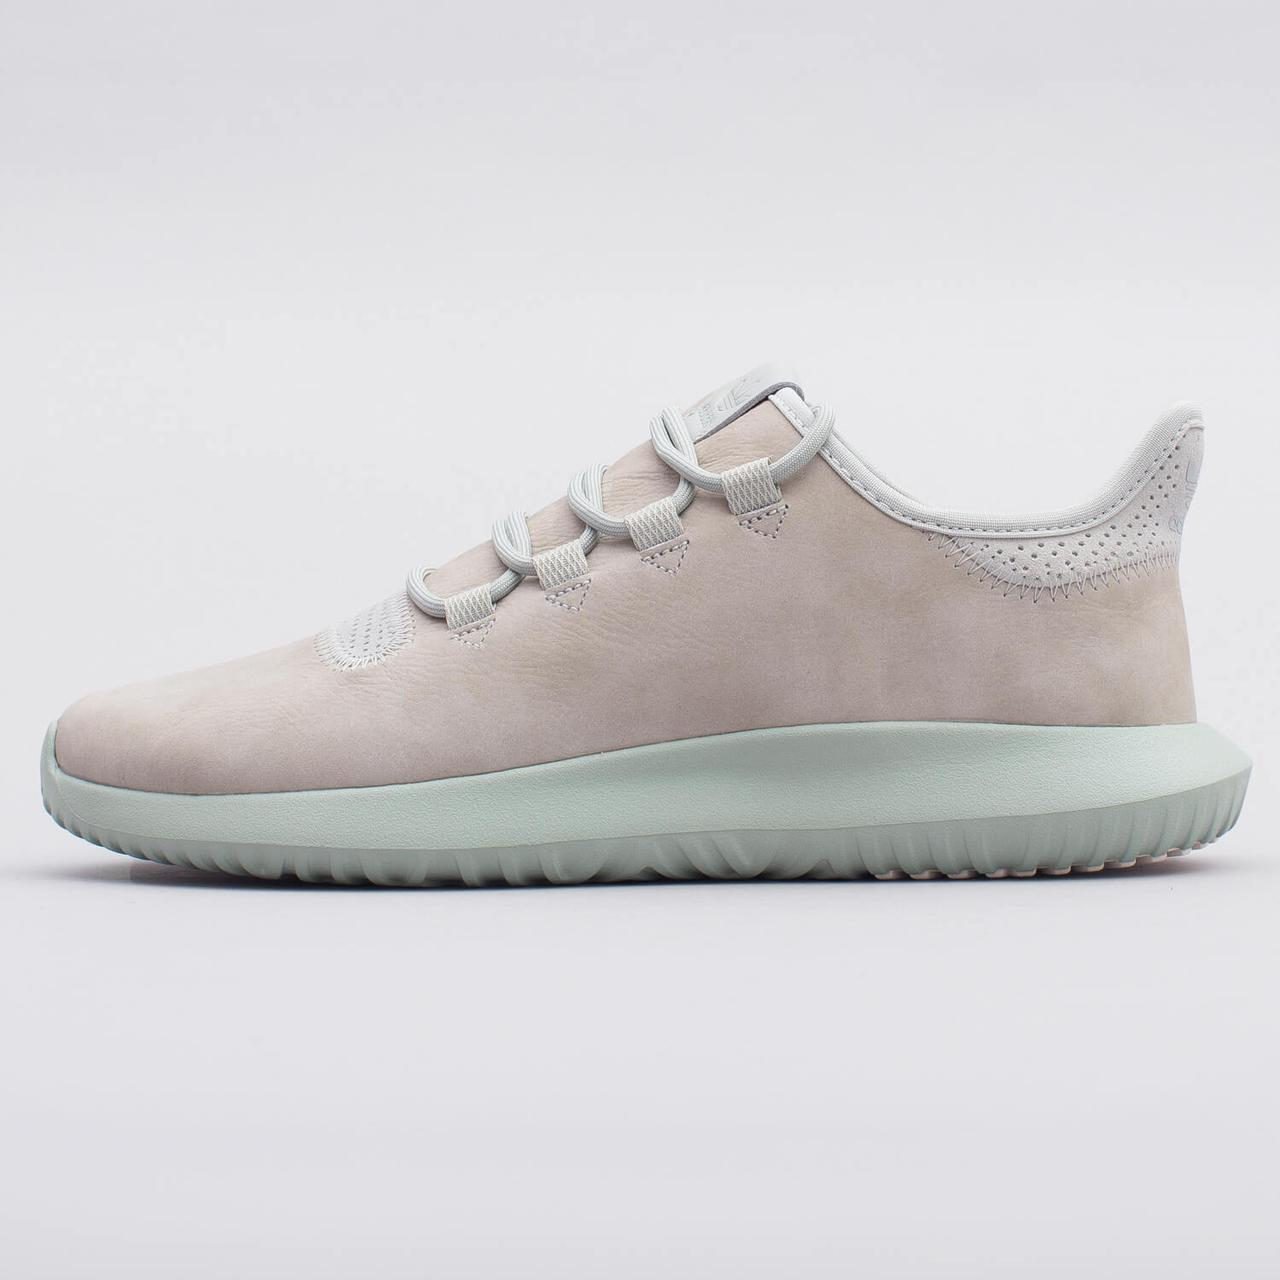 9dbc136d6 Мужские кроссовки adidas Tubular Shadow B37594 - Parallel-Brandshop.  Оригинальная обувь в Киеве